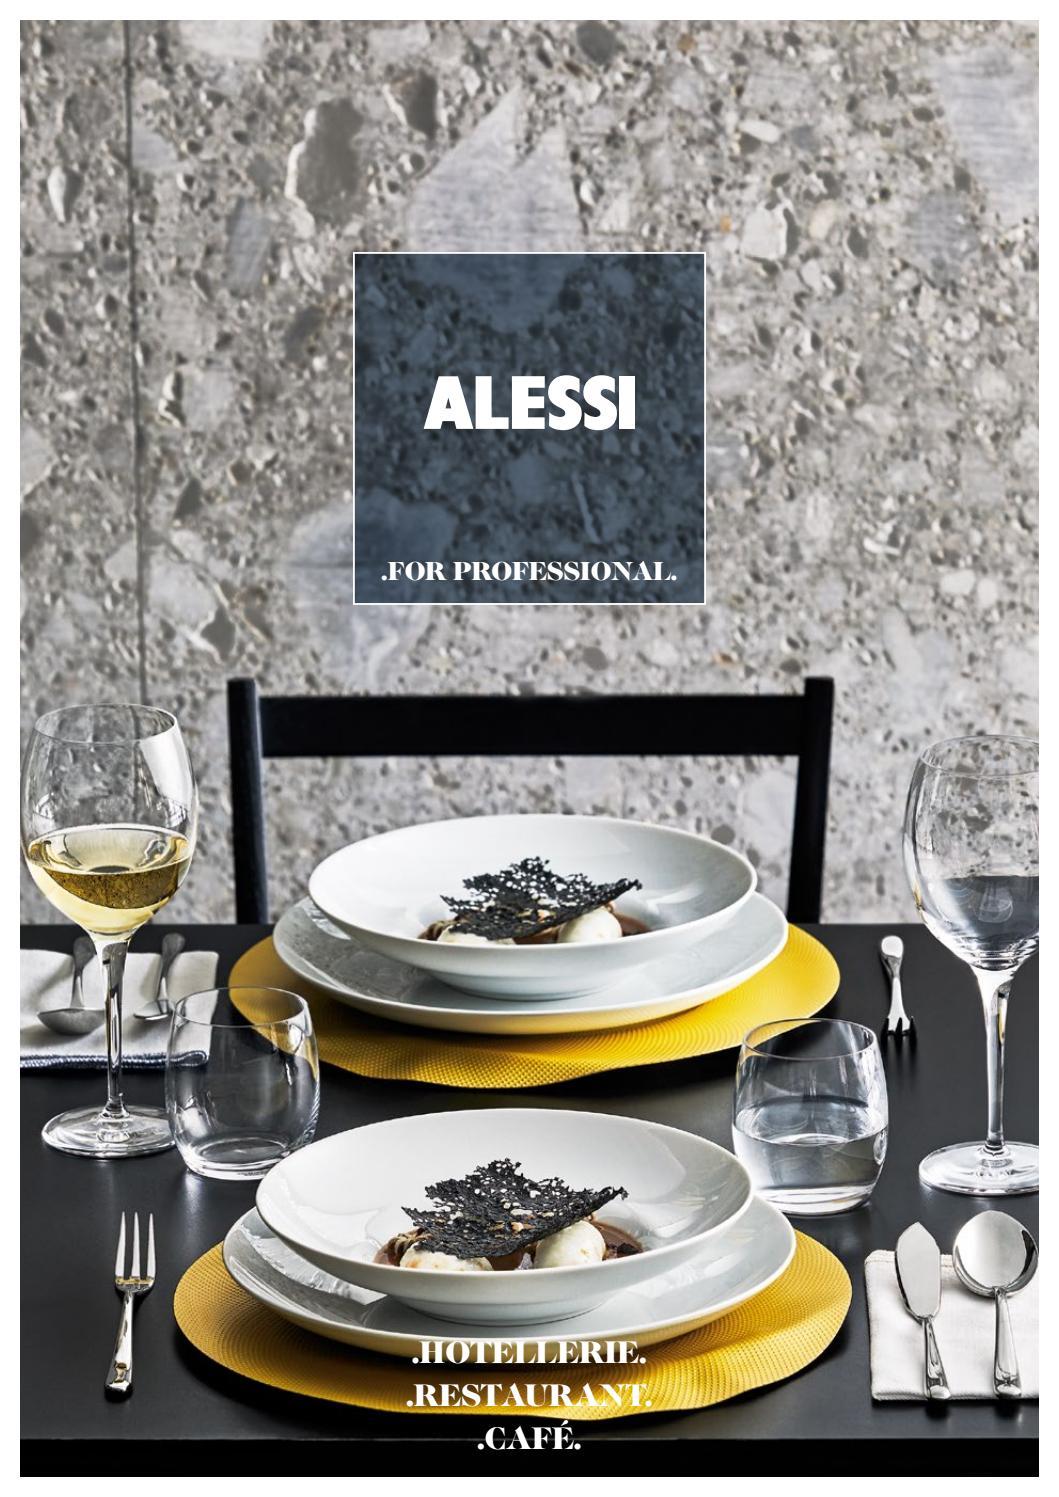 Alessi Ra02 Babyboop Plat /à Hors-doeuvre /à deux Compartiments en Acier Inoxydable 18//10 Satin/é /à Bord Brillant